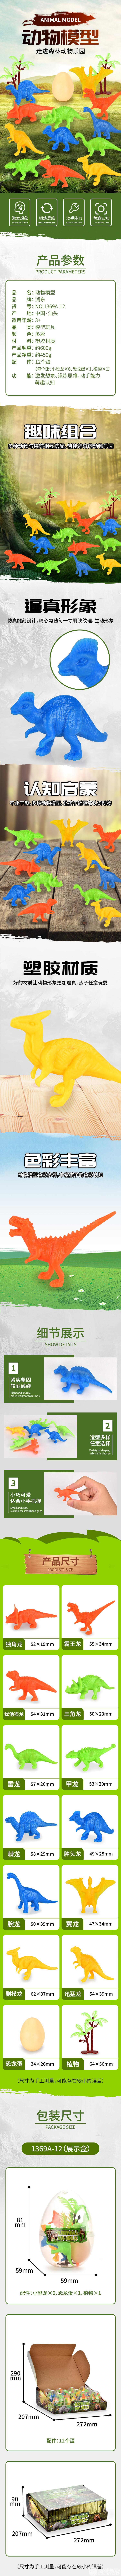 润东玩具厂-(1369A-12)-动物模型-中文版详情页.jpg